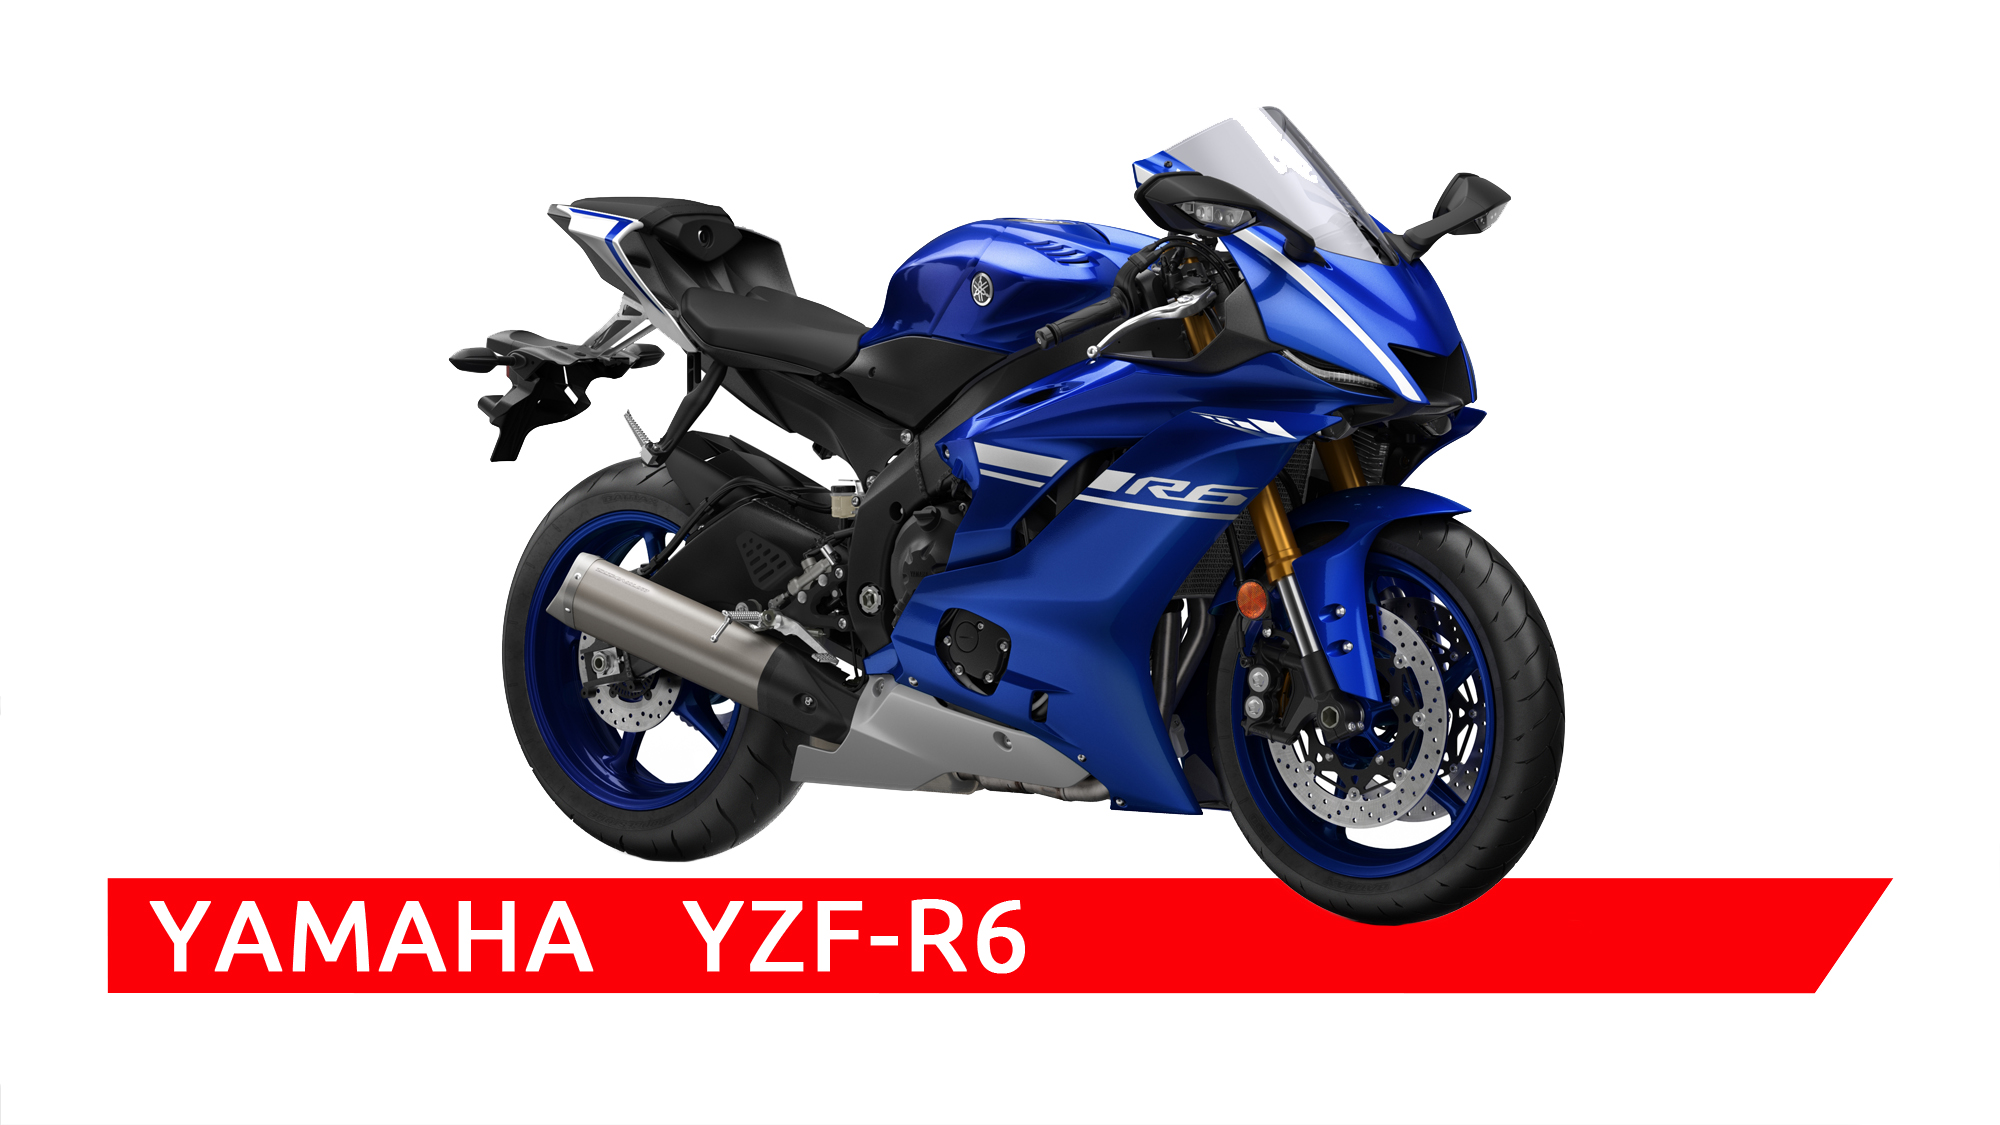 YZF-R6